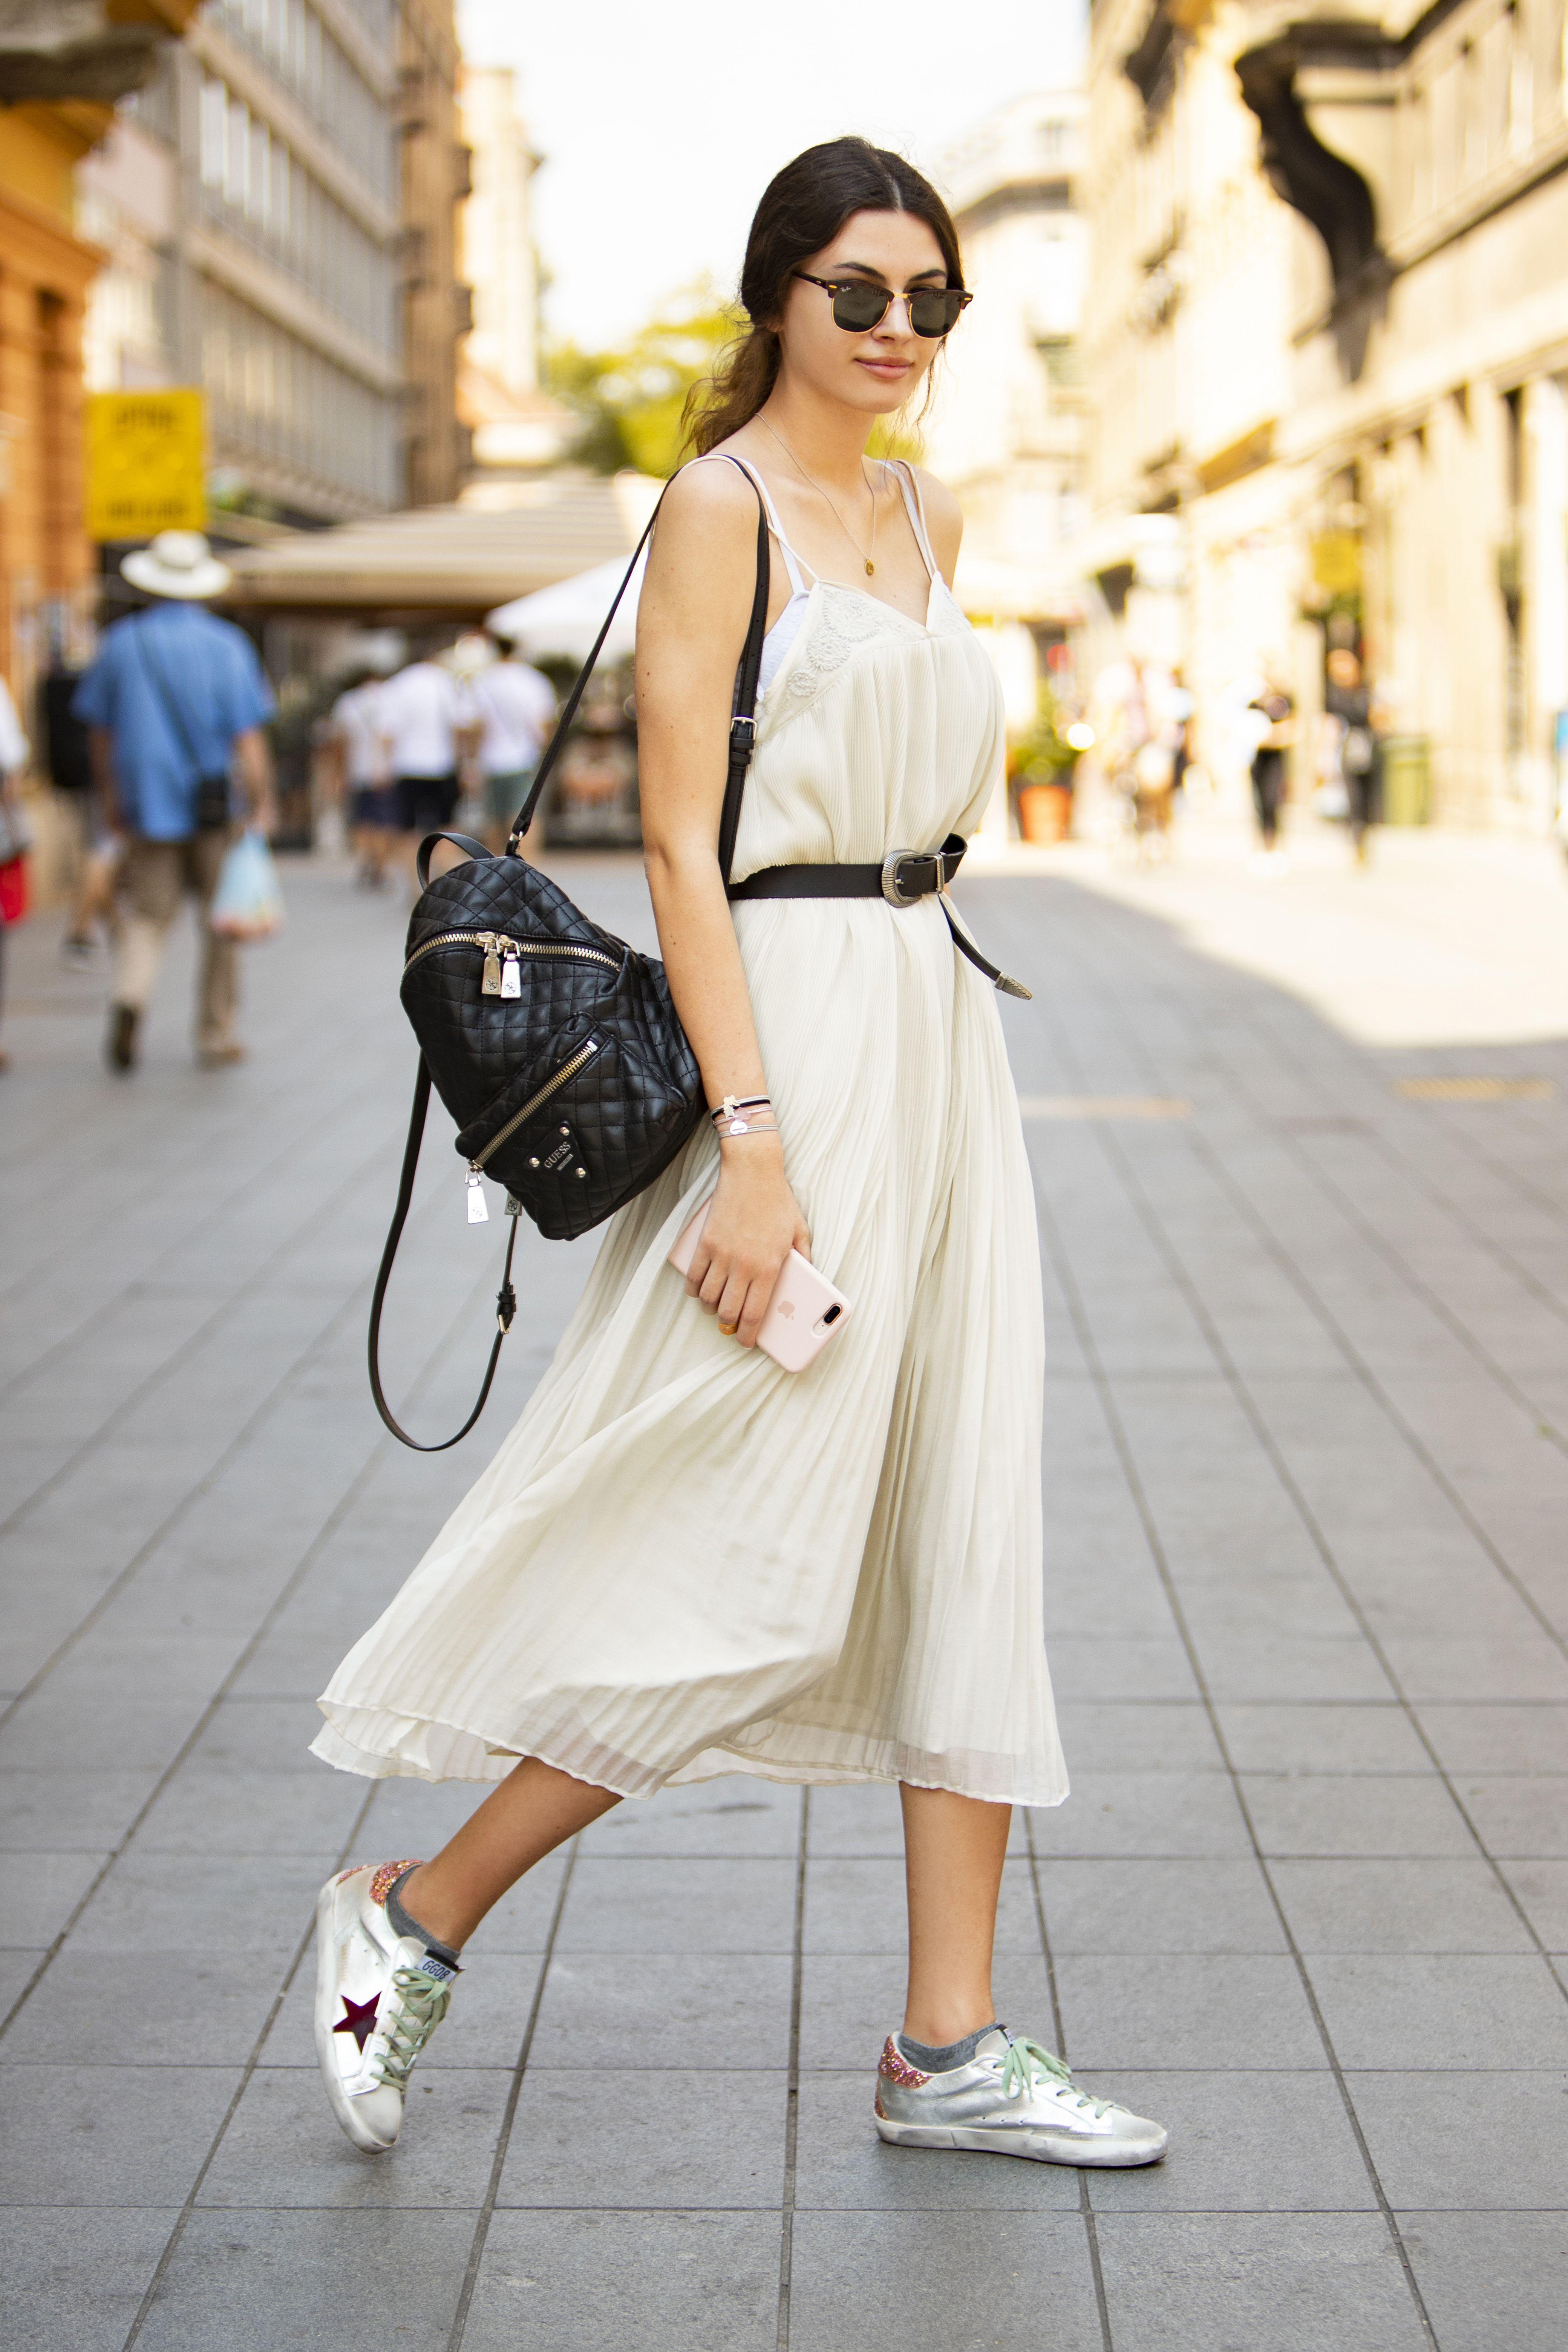 Lijepa studentica ekonomije pokazala kako isfurati romantičnu haljinu i tenisice